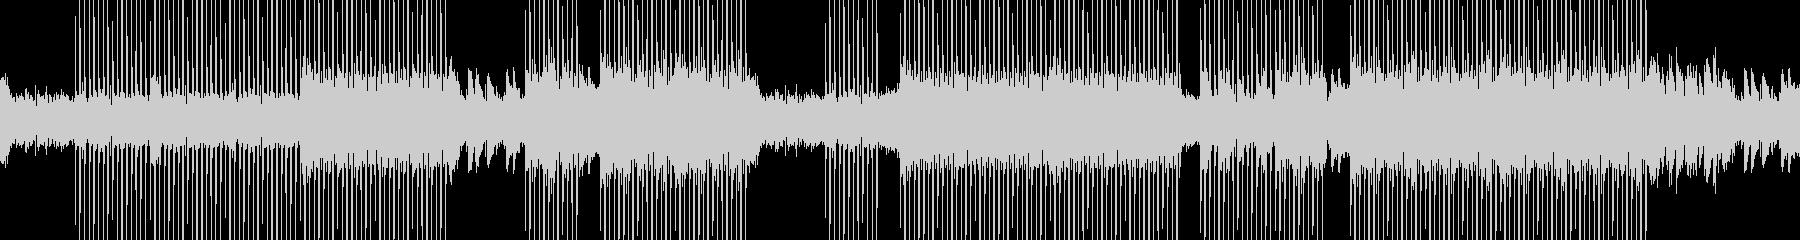 ピアノとエレクトリックギターのロマ...の未再生の波形